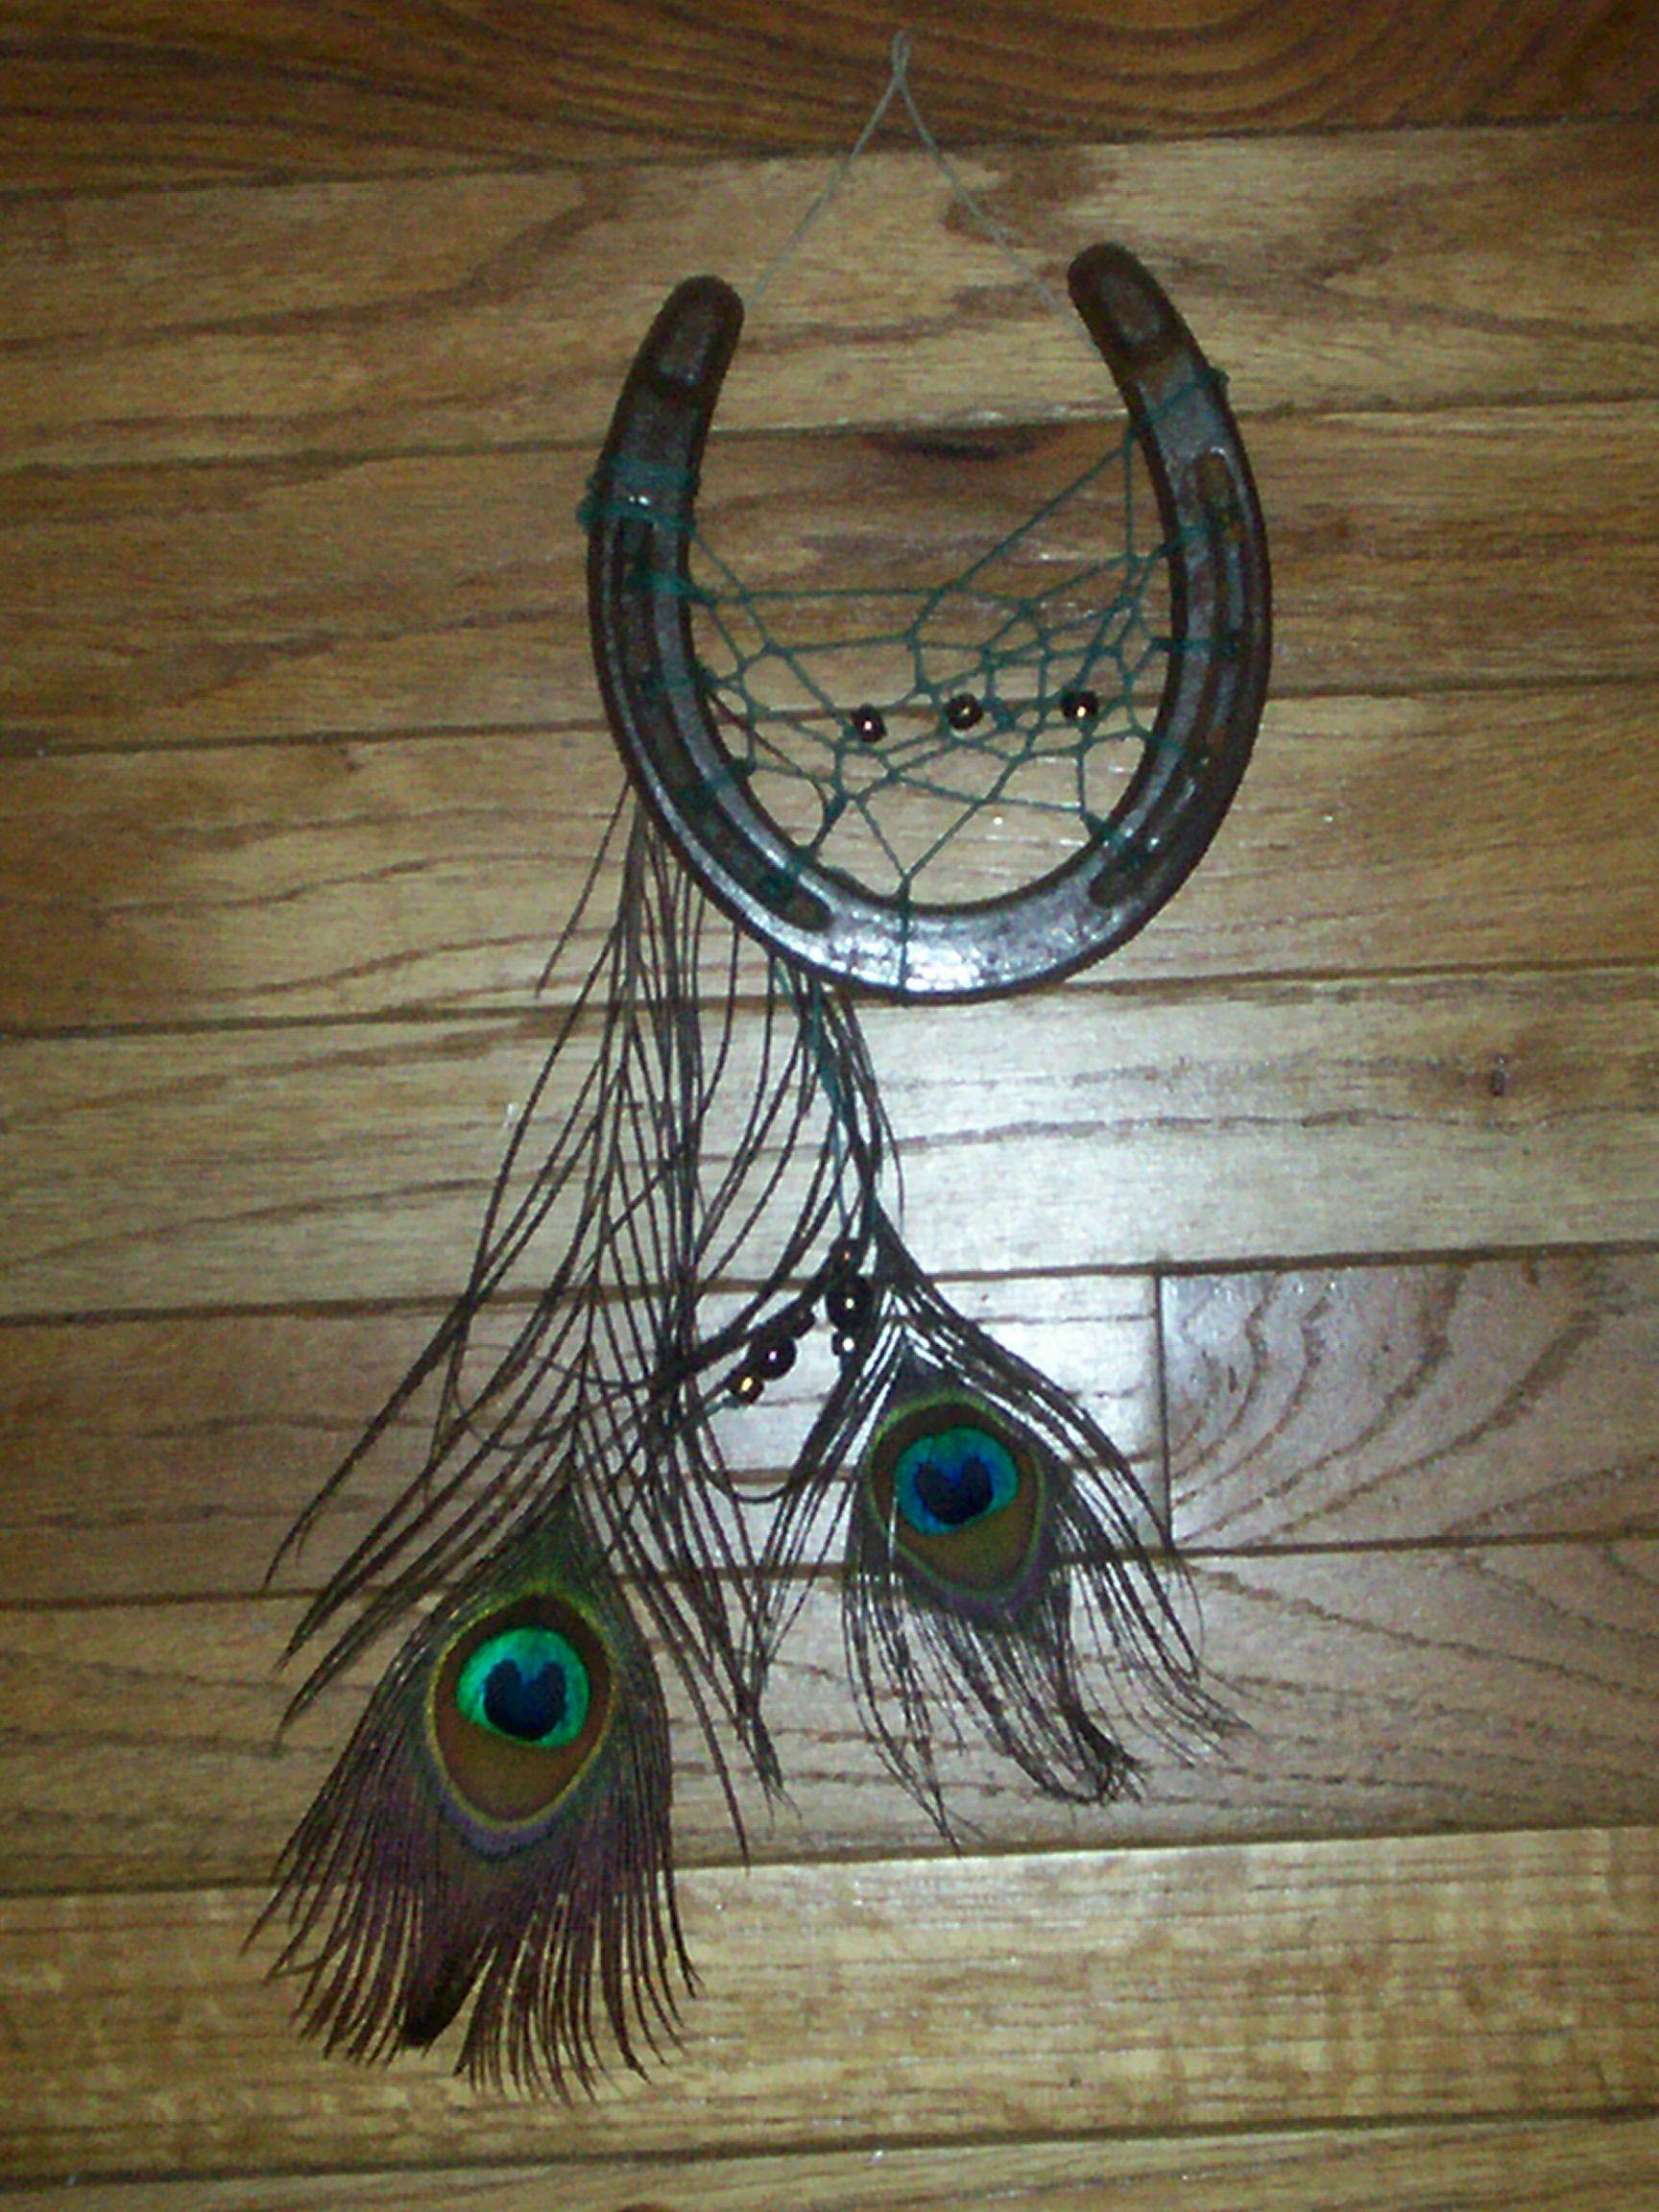 Horseshoe arts and crafts - Horseshoe Dreamcatcher By Melj306 On Deviantart Horseshoe Projectshorseshoe Craftshorseshoe Arthorseshoe